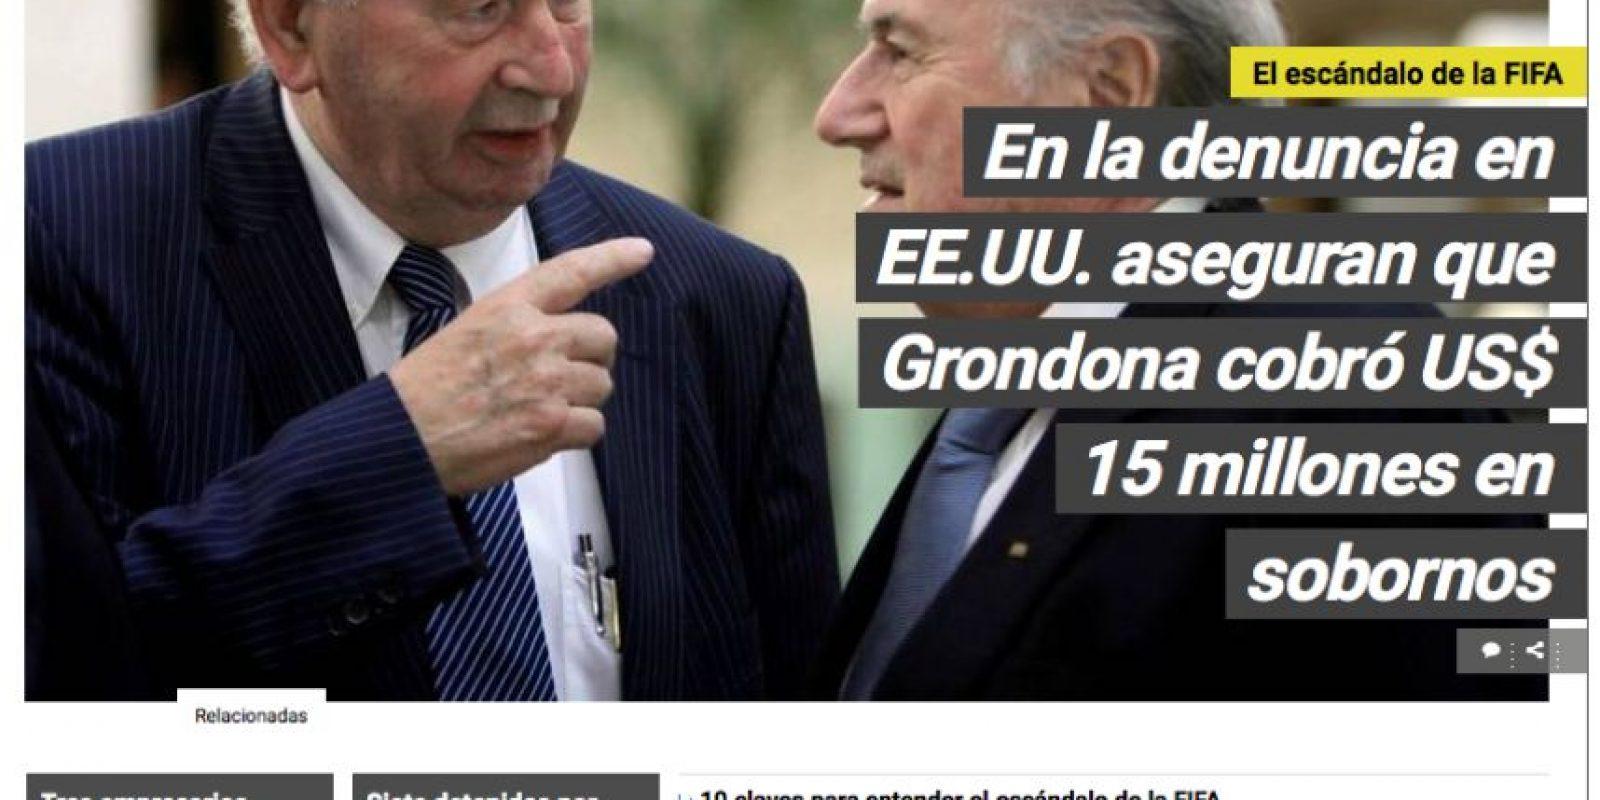 """Clarín (Argentina): """"En la denuncia en EEUU aseguran que Grondona cobró US$ 15 millones en sobornos"""". Foto:clarin.com"""